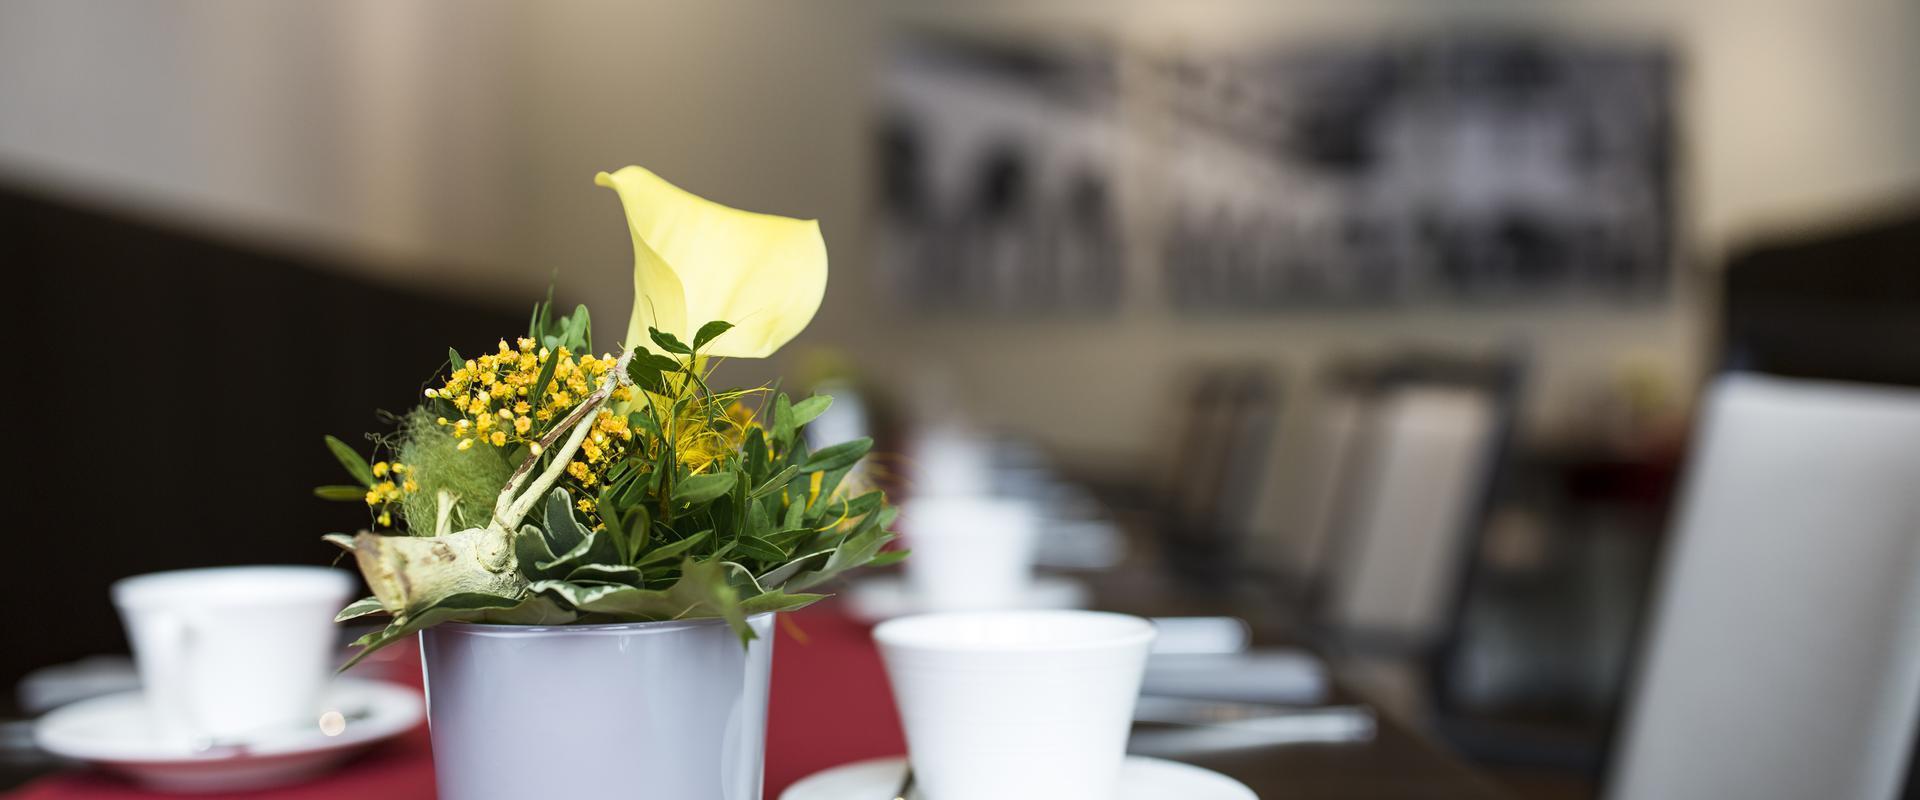 MEDIAN Klinik Leben und Wohnen Blumenschmuck